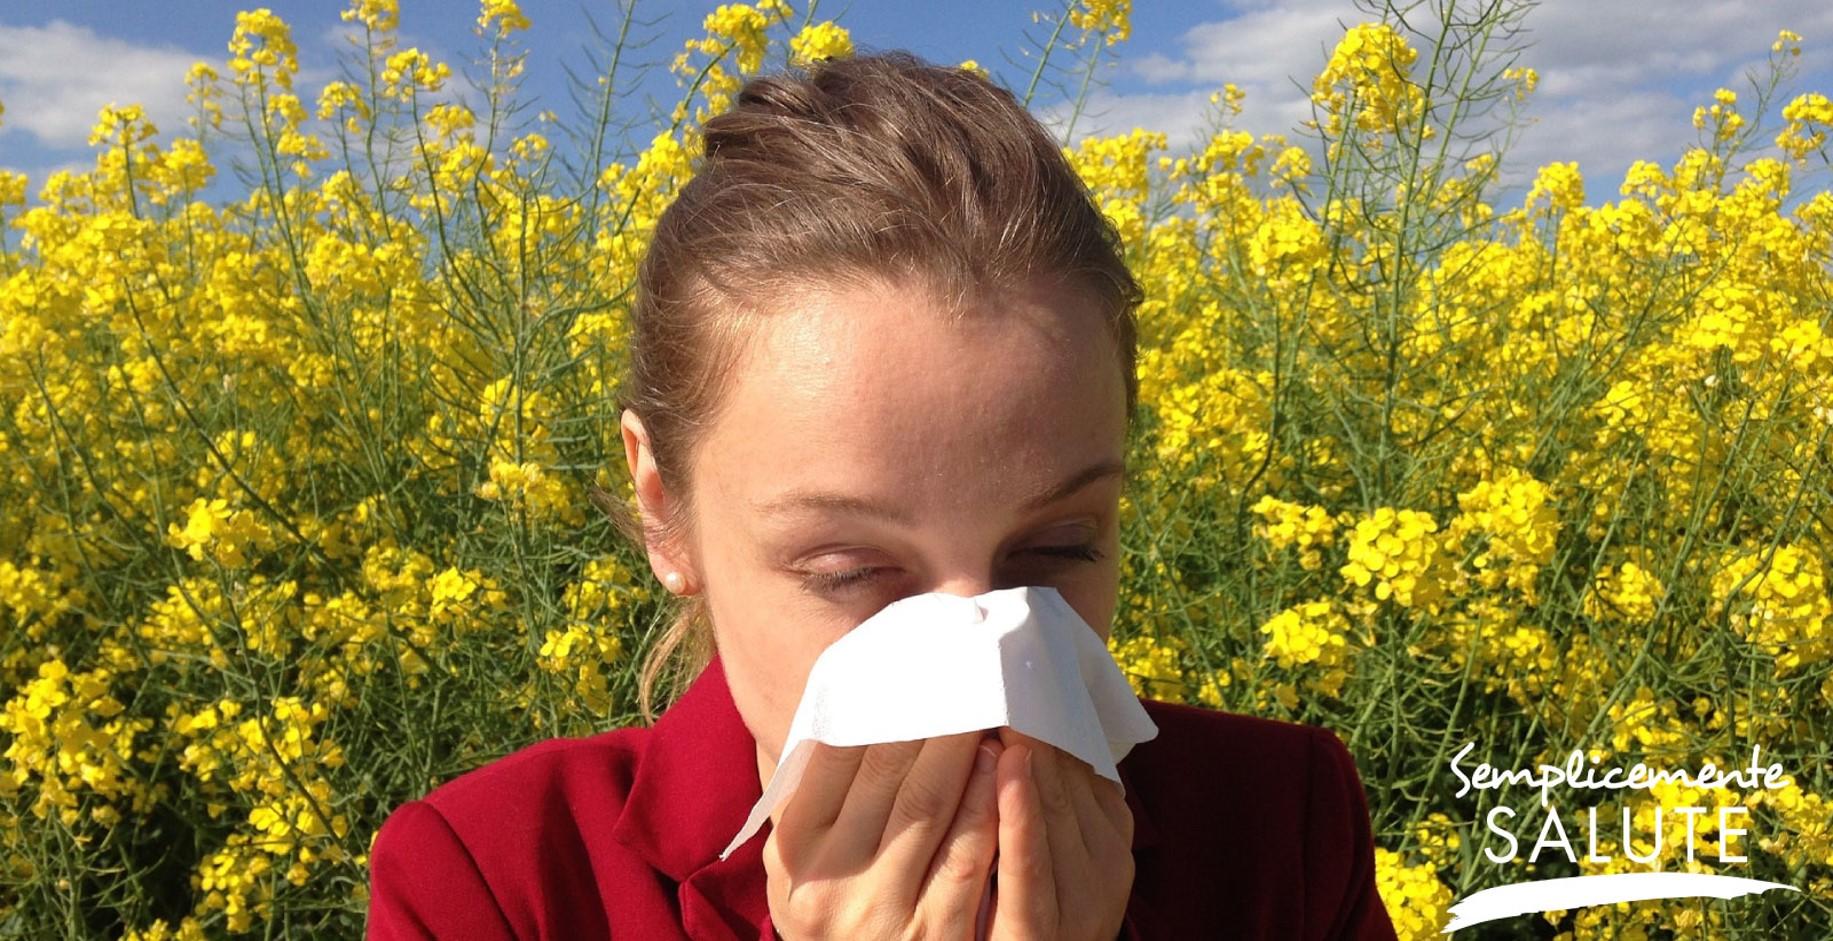 Primavera tempo di allergie i piccoli disturbi si annidano fuori e dentro casa